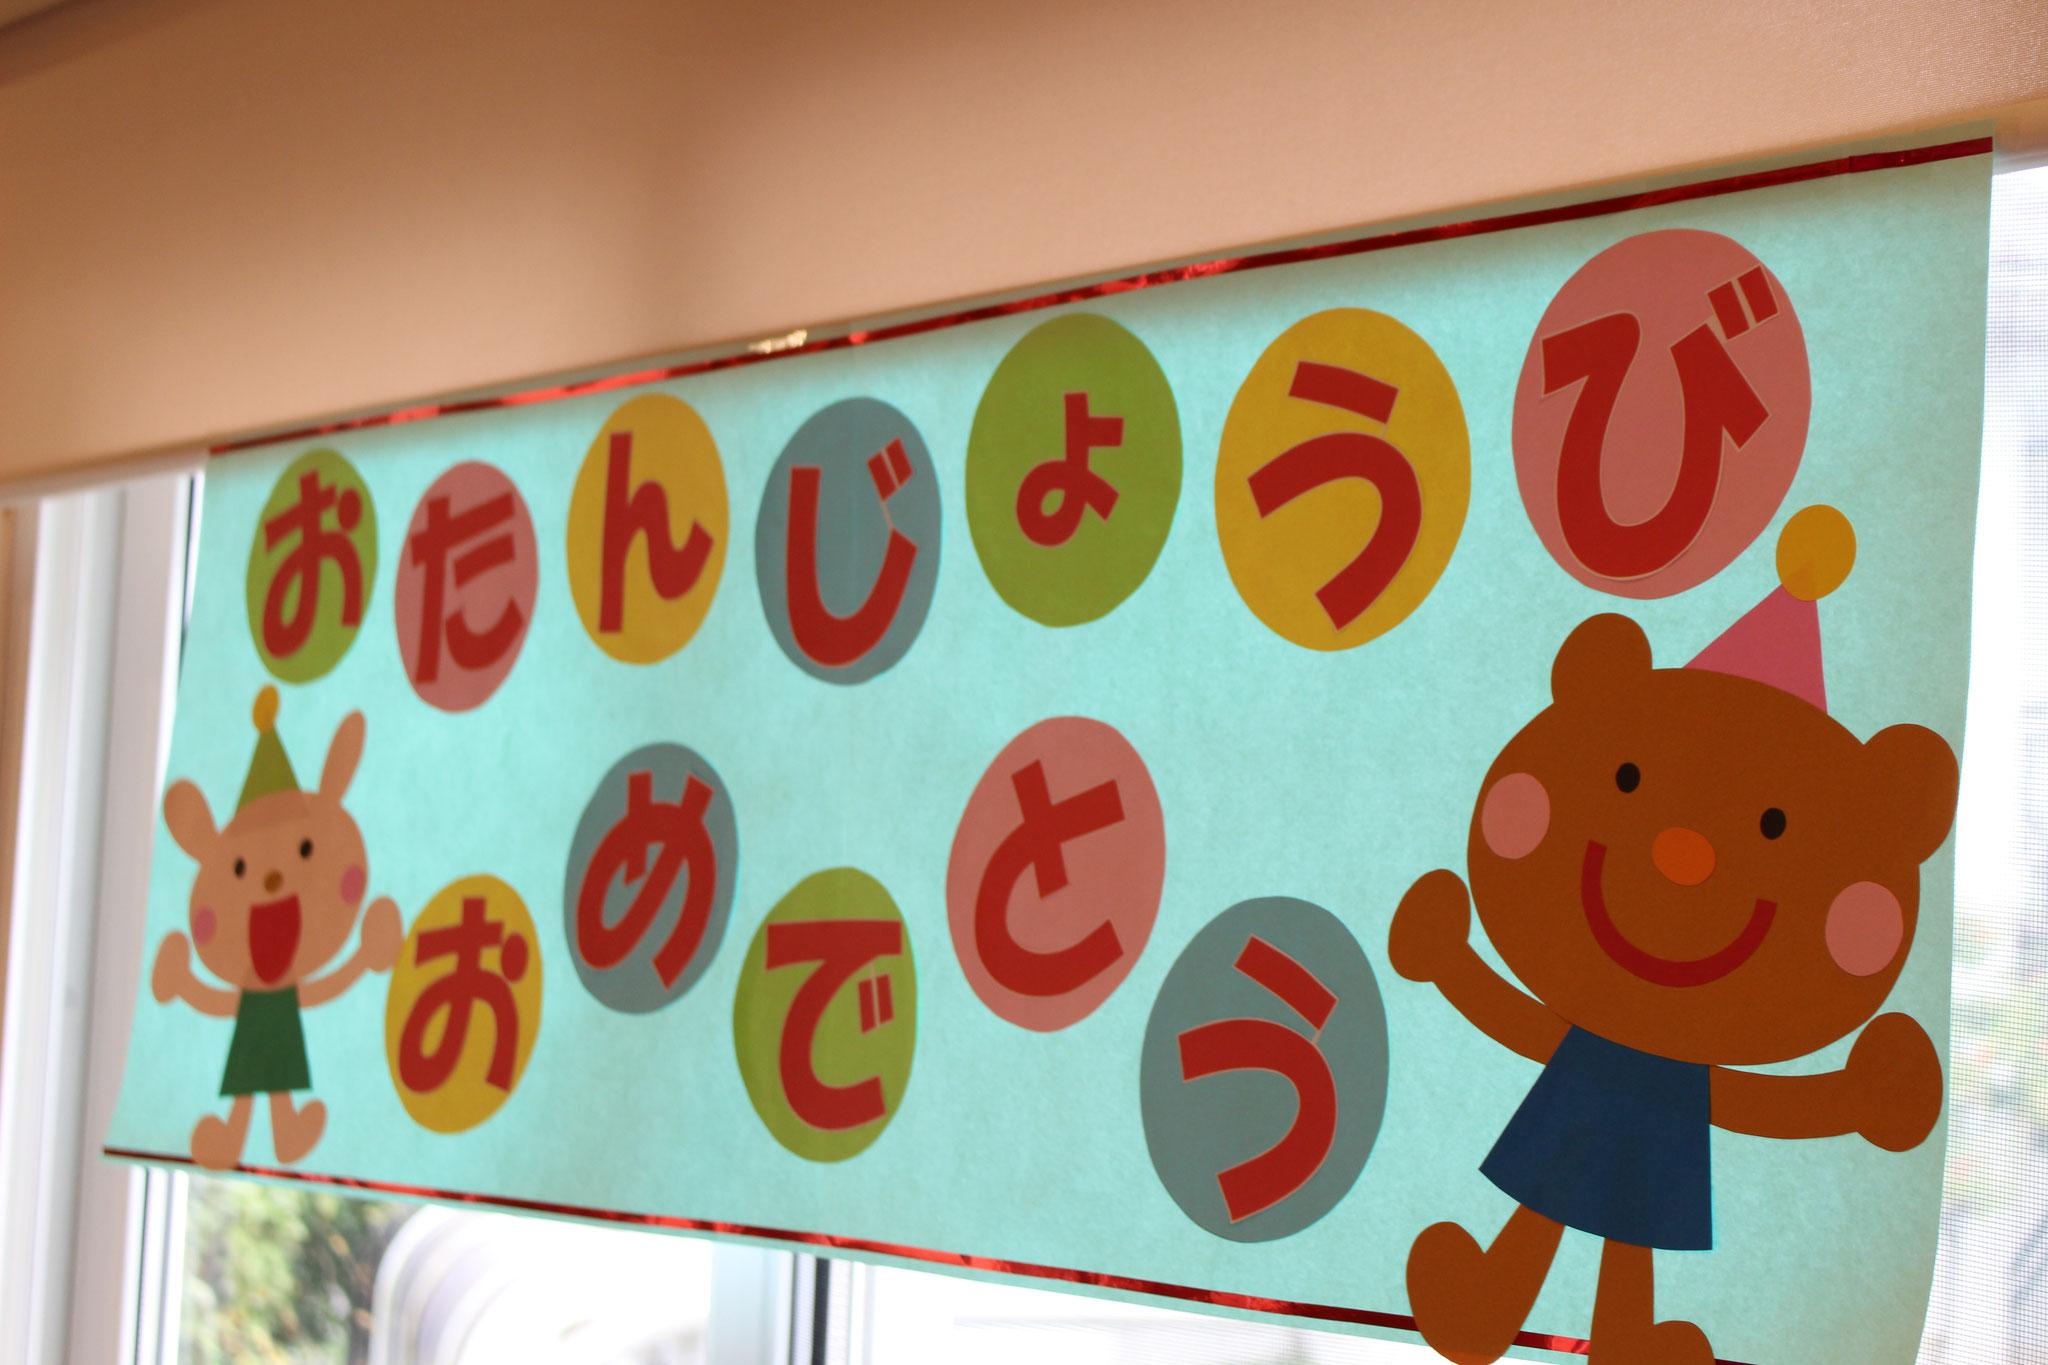 10月 お誕生日会の始まりです(^▽^)/ みんな~ 職員一同心より おめでとー🎊